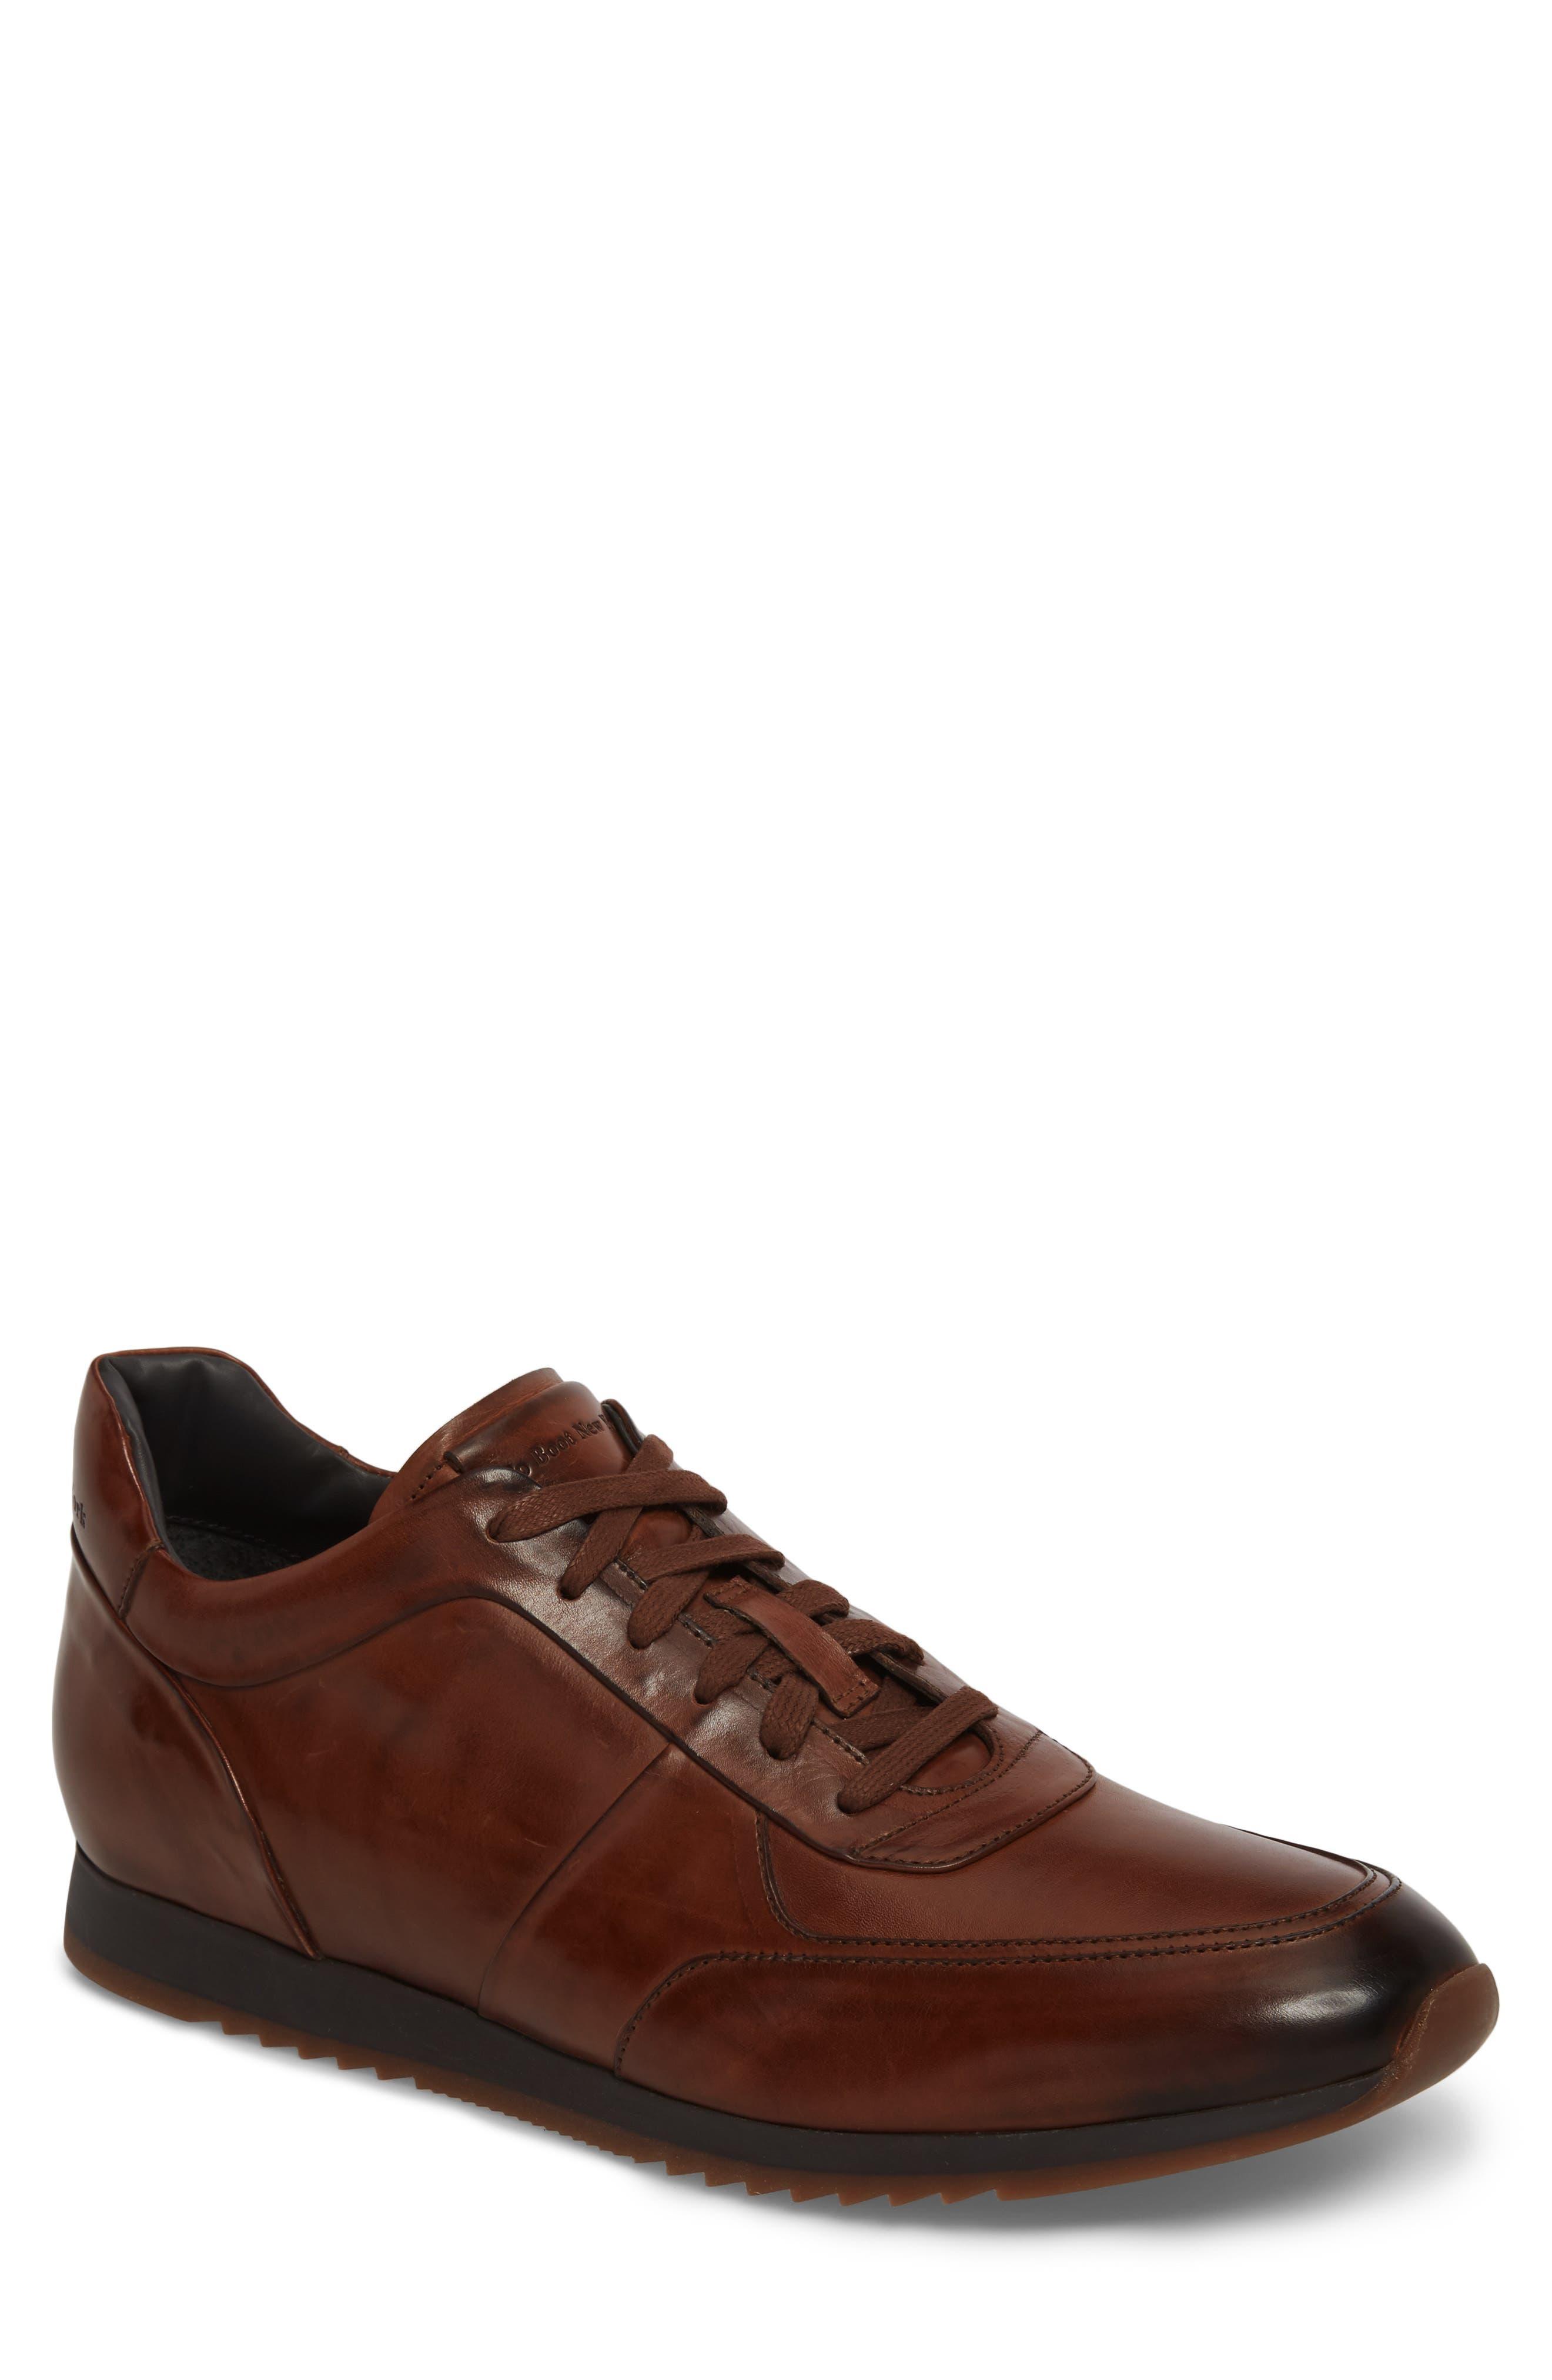 Lenox Low Top Sneaker,                             Main thumbnail 1, color,